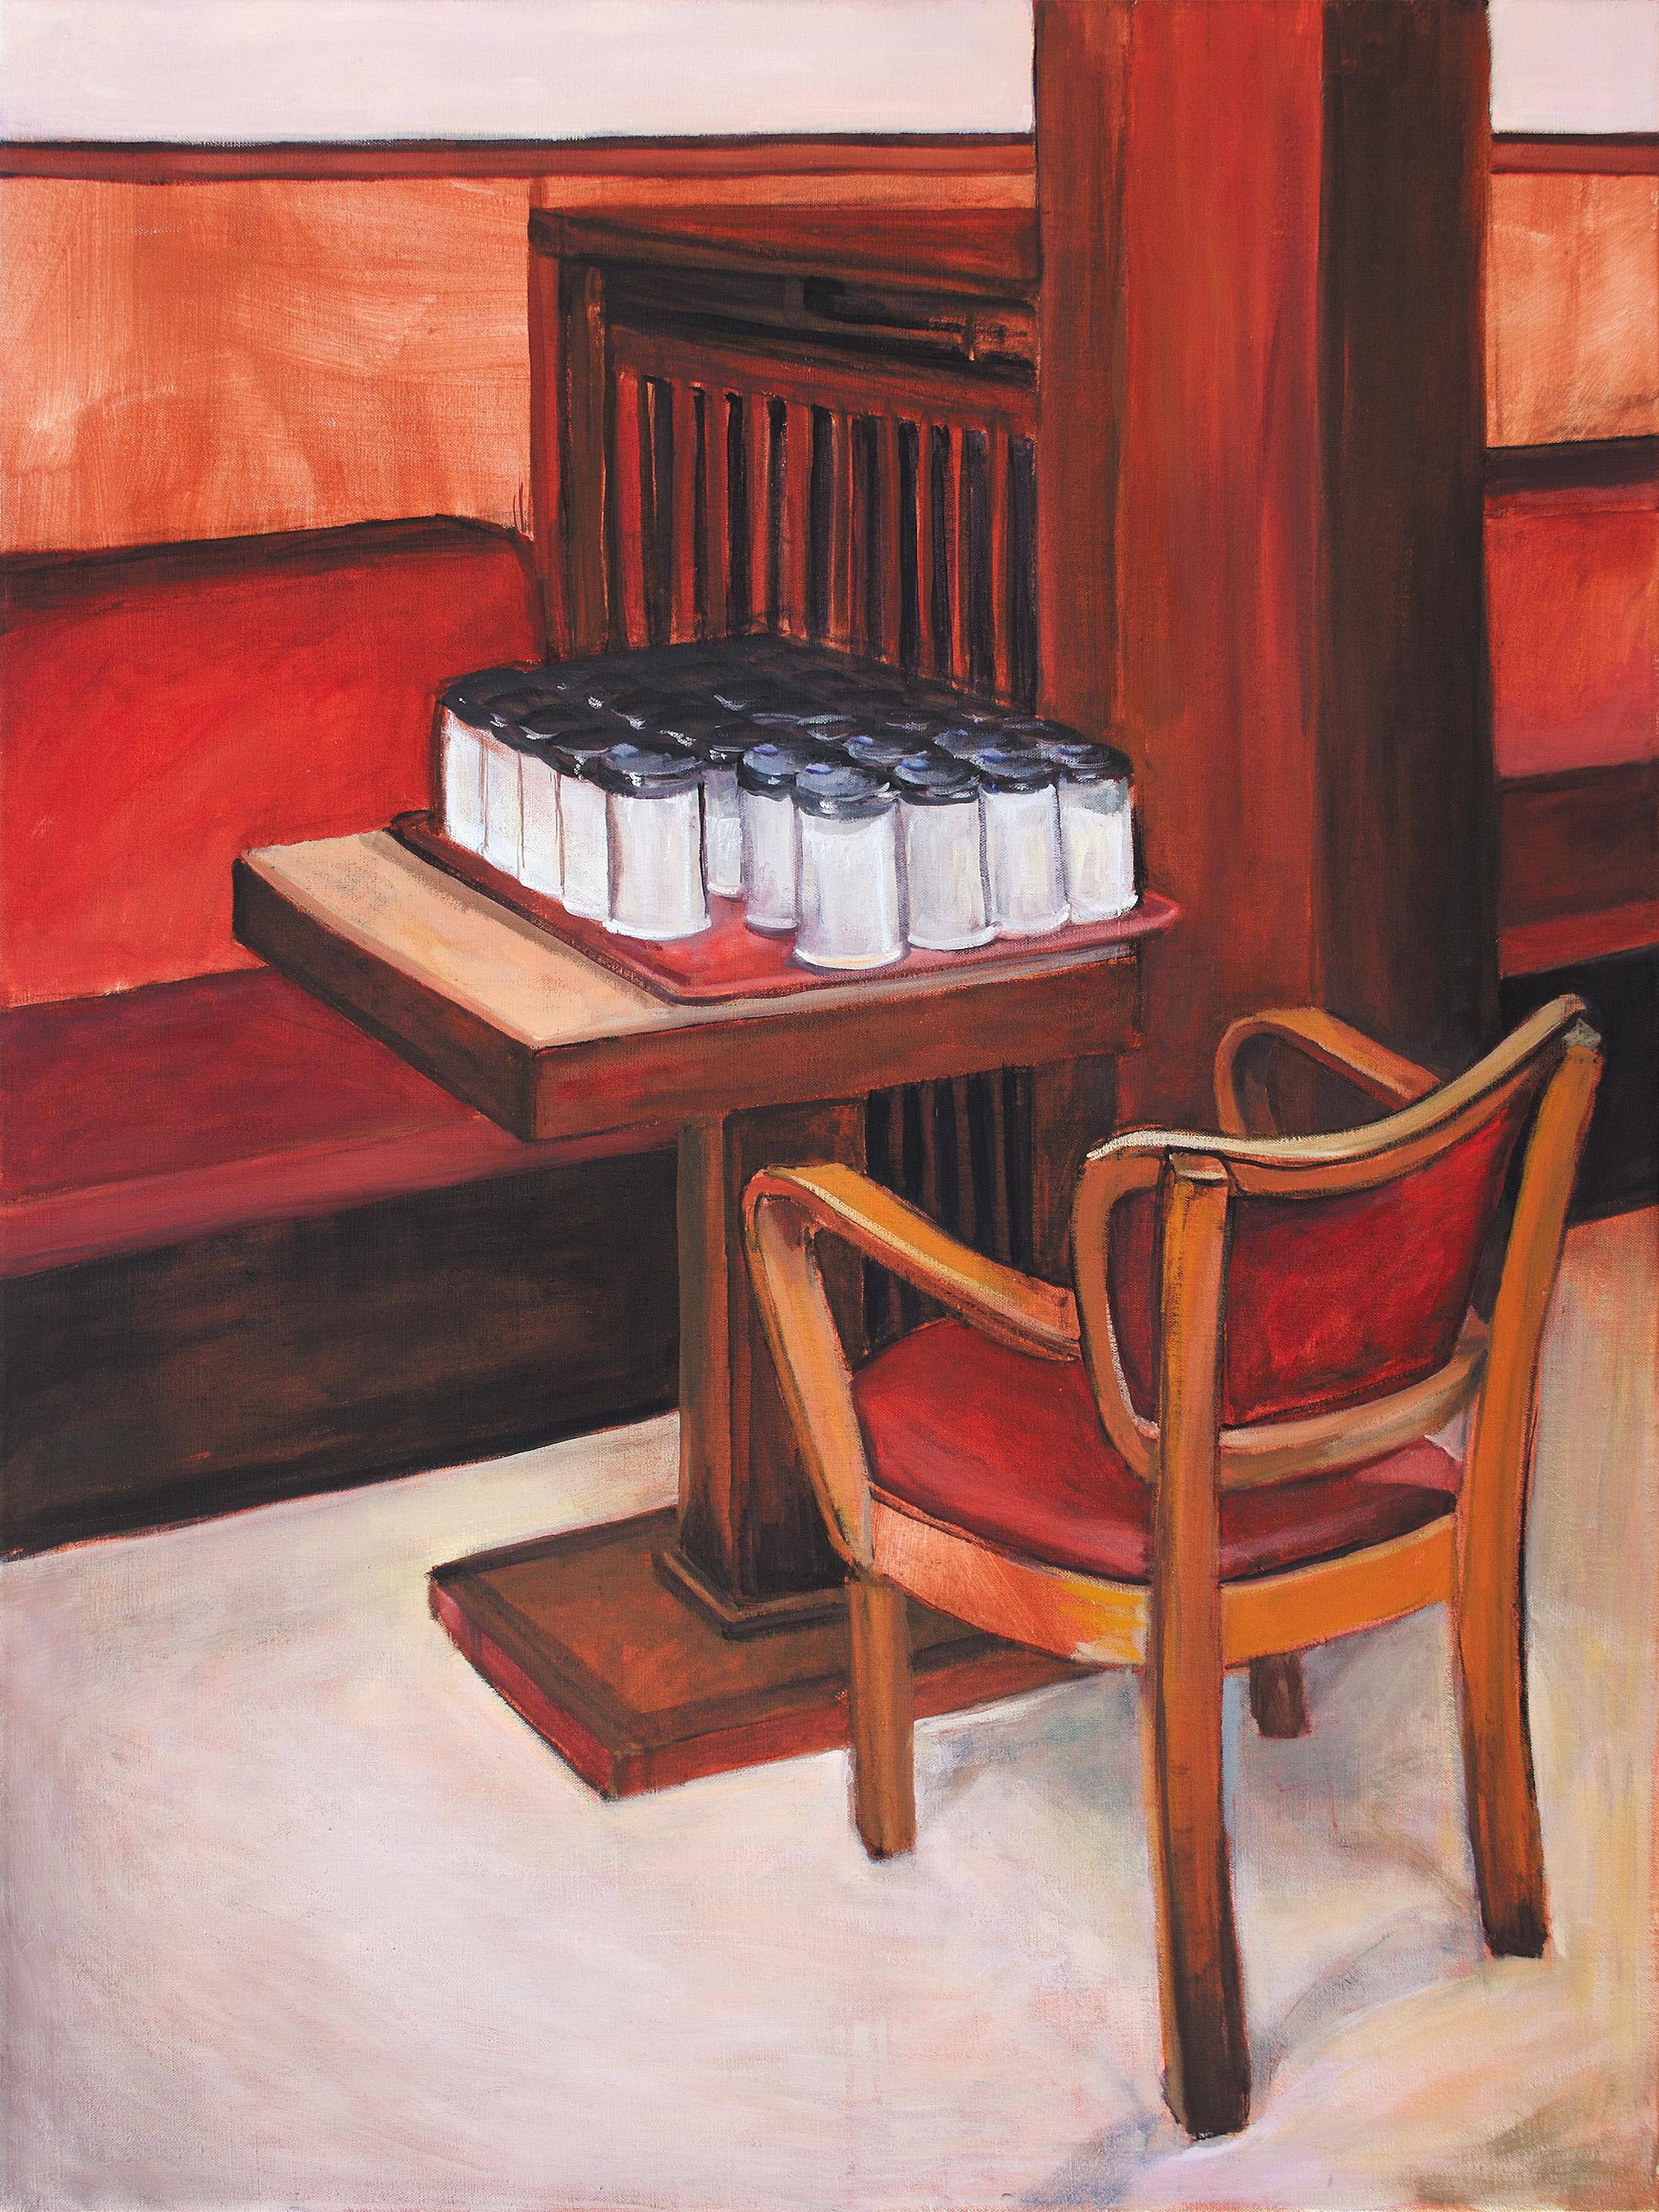 Zucker (Sugar) Acryl und Öl auf Leinwand  (Acrylic and Oil on Canvas)